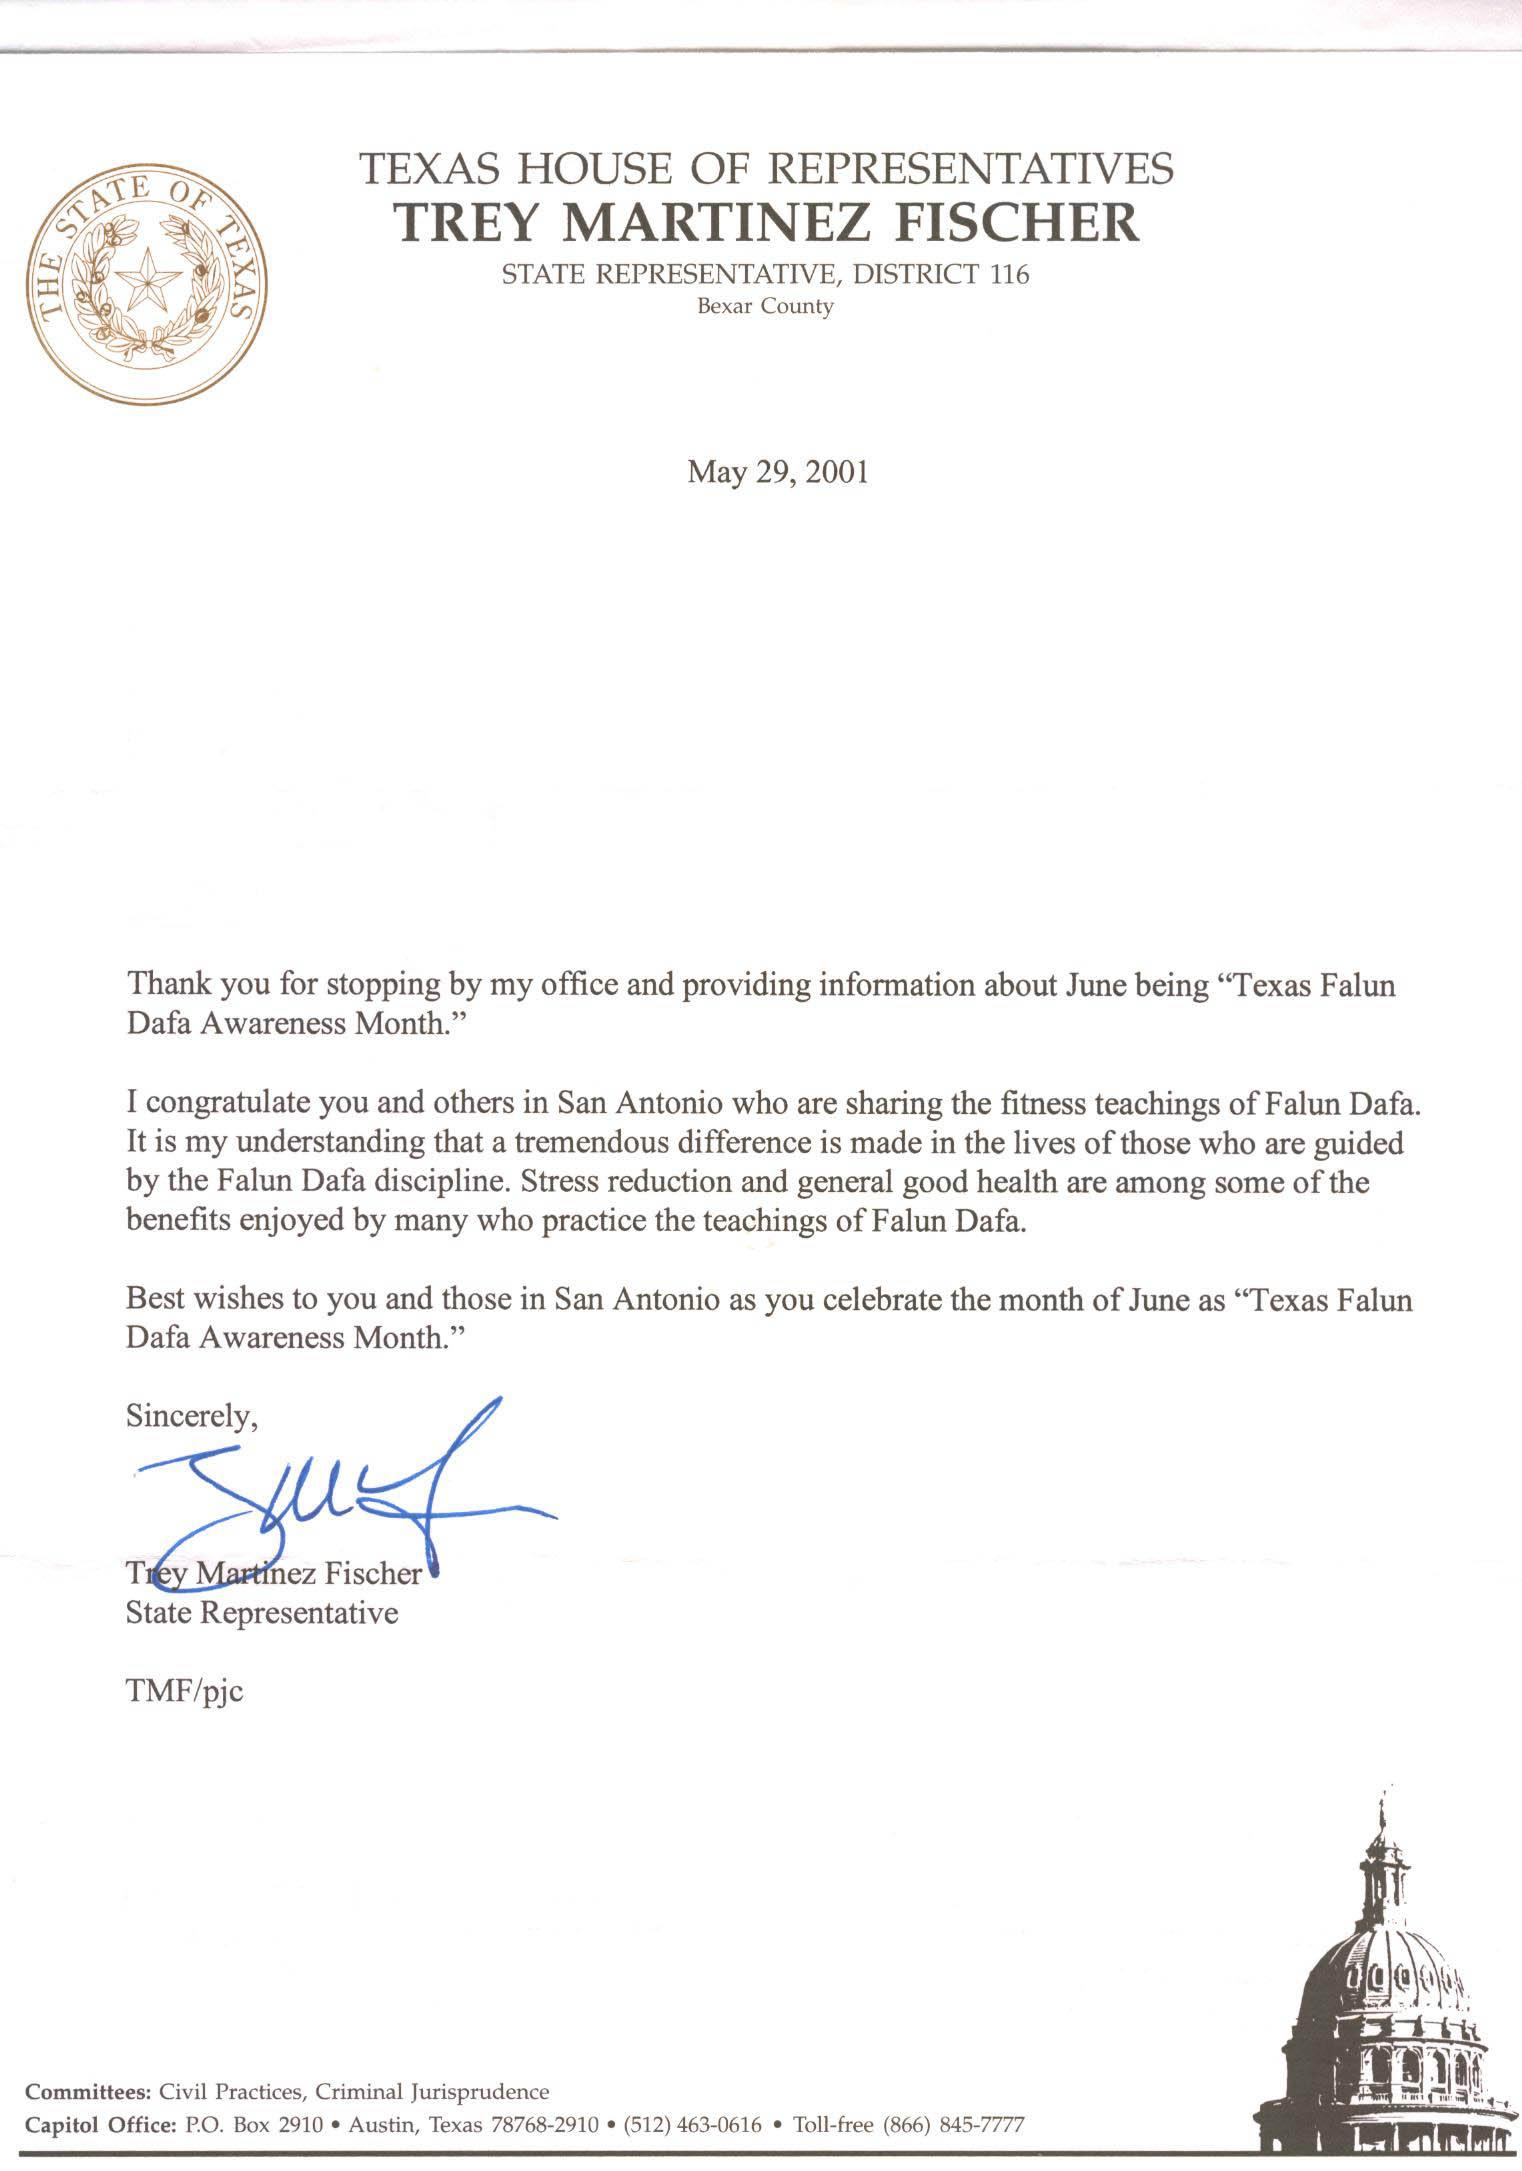 德克薩斯州 眾議院 宣布 法輪 大法 認知 月 2001 年 9 月 11 日